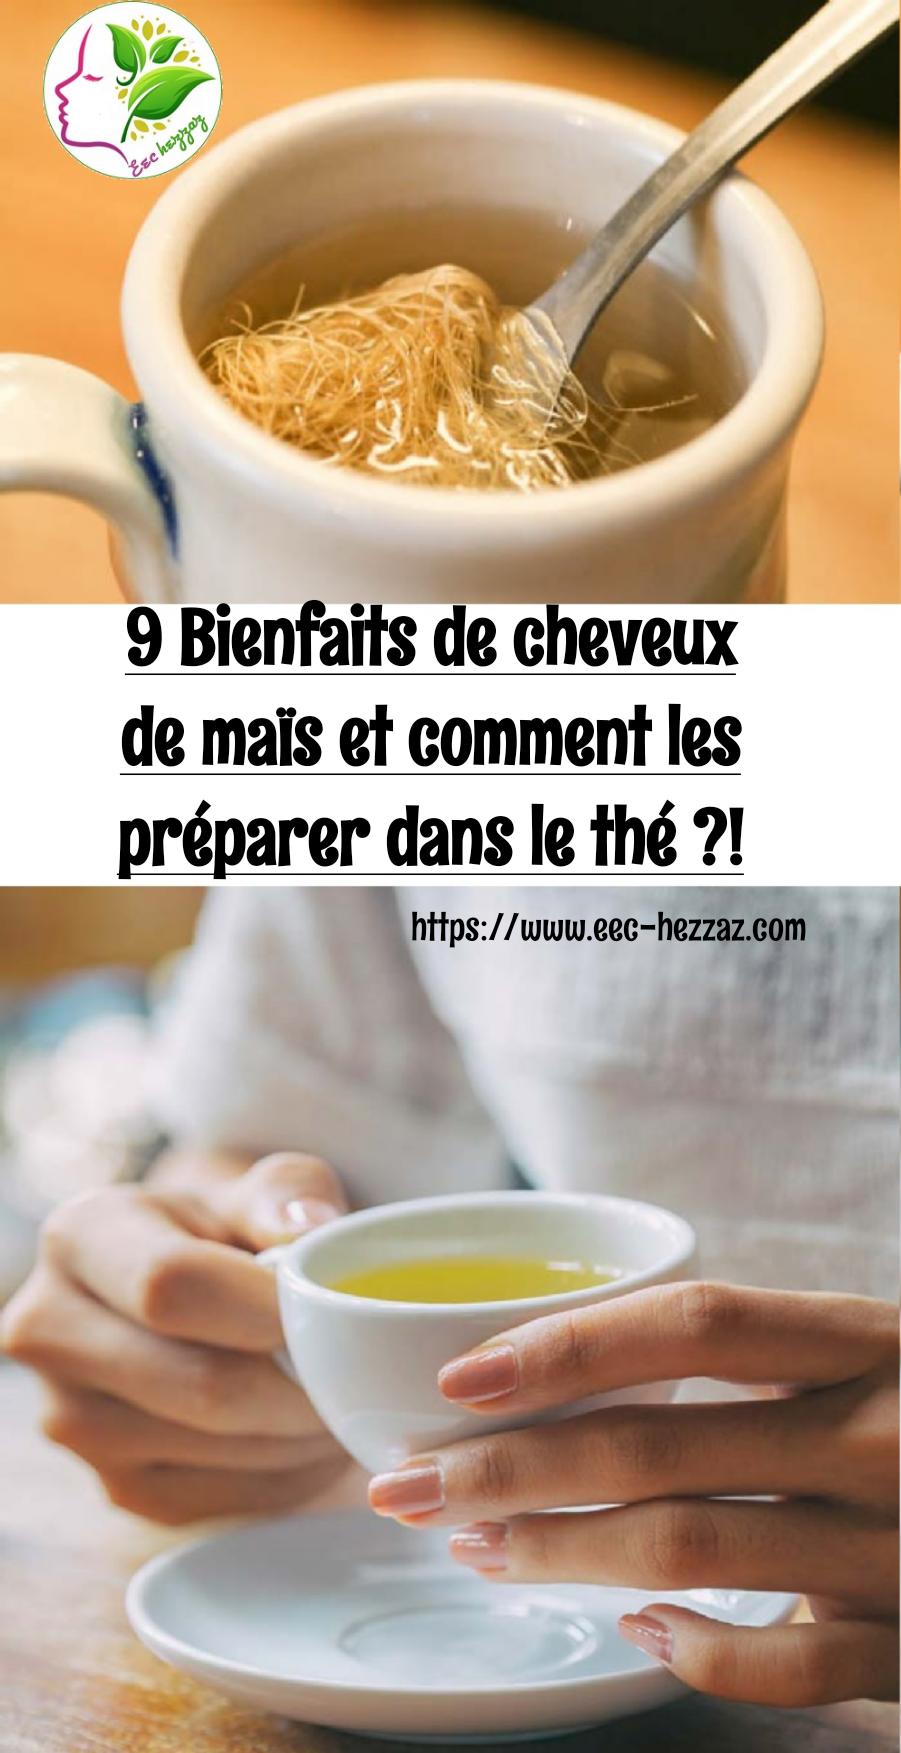 9 Bienfaits de cheveux de maïs et comment les préparer dans le thé ?!